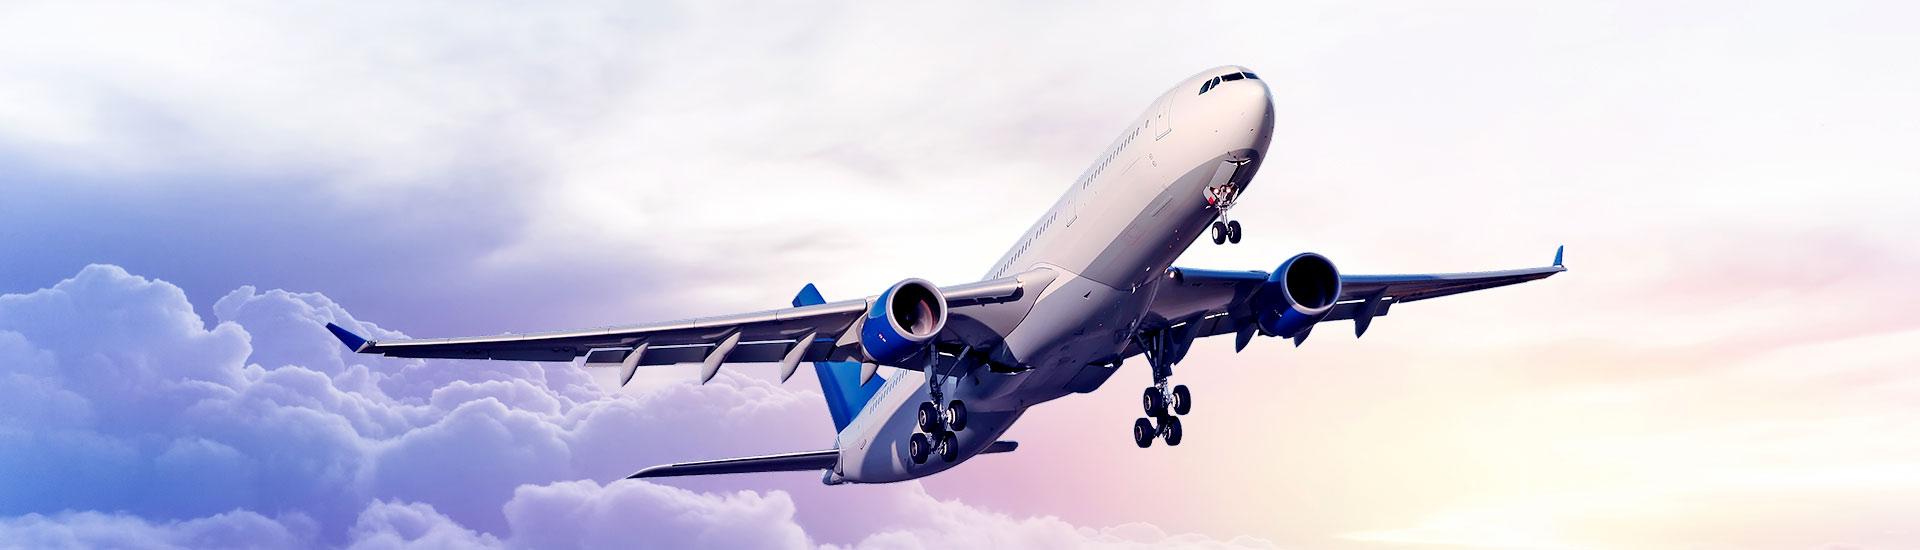 €39 όλες οι πτήσεις εσωτερικού